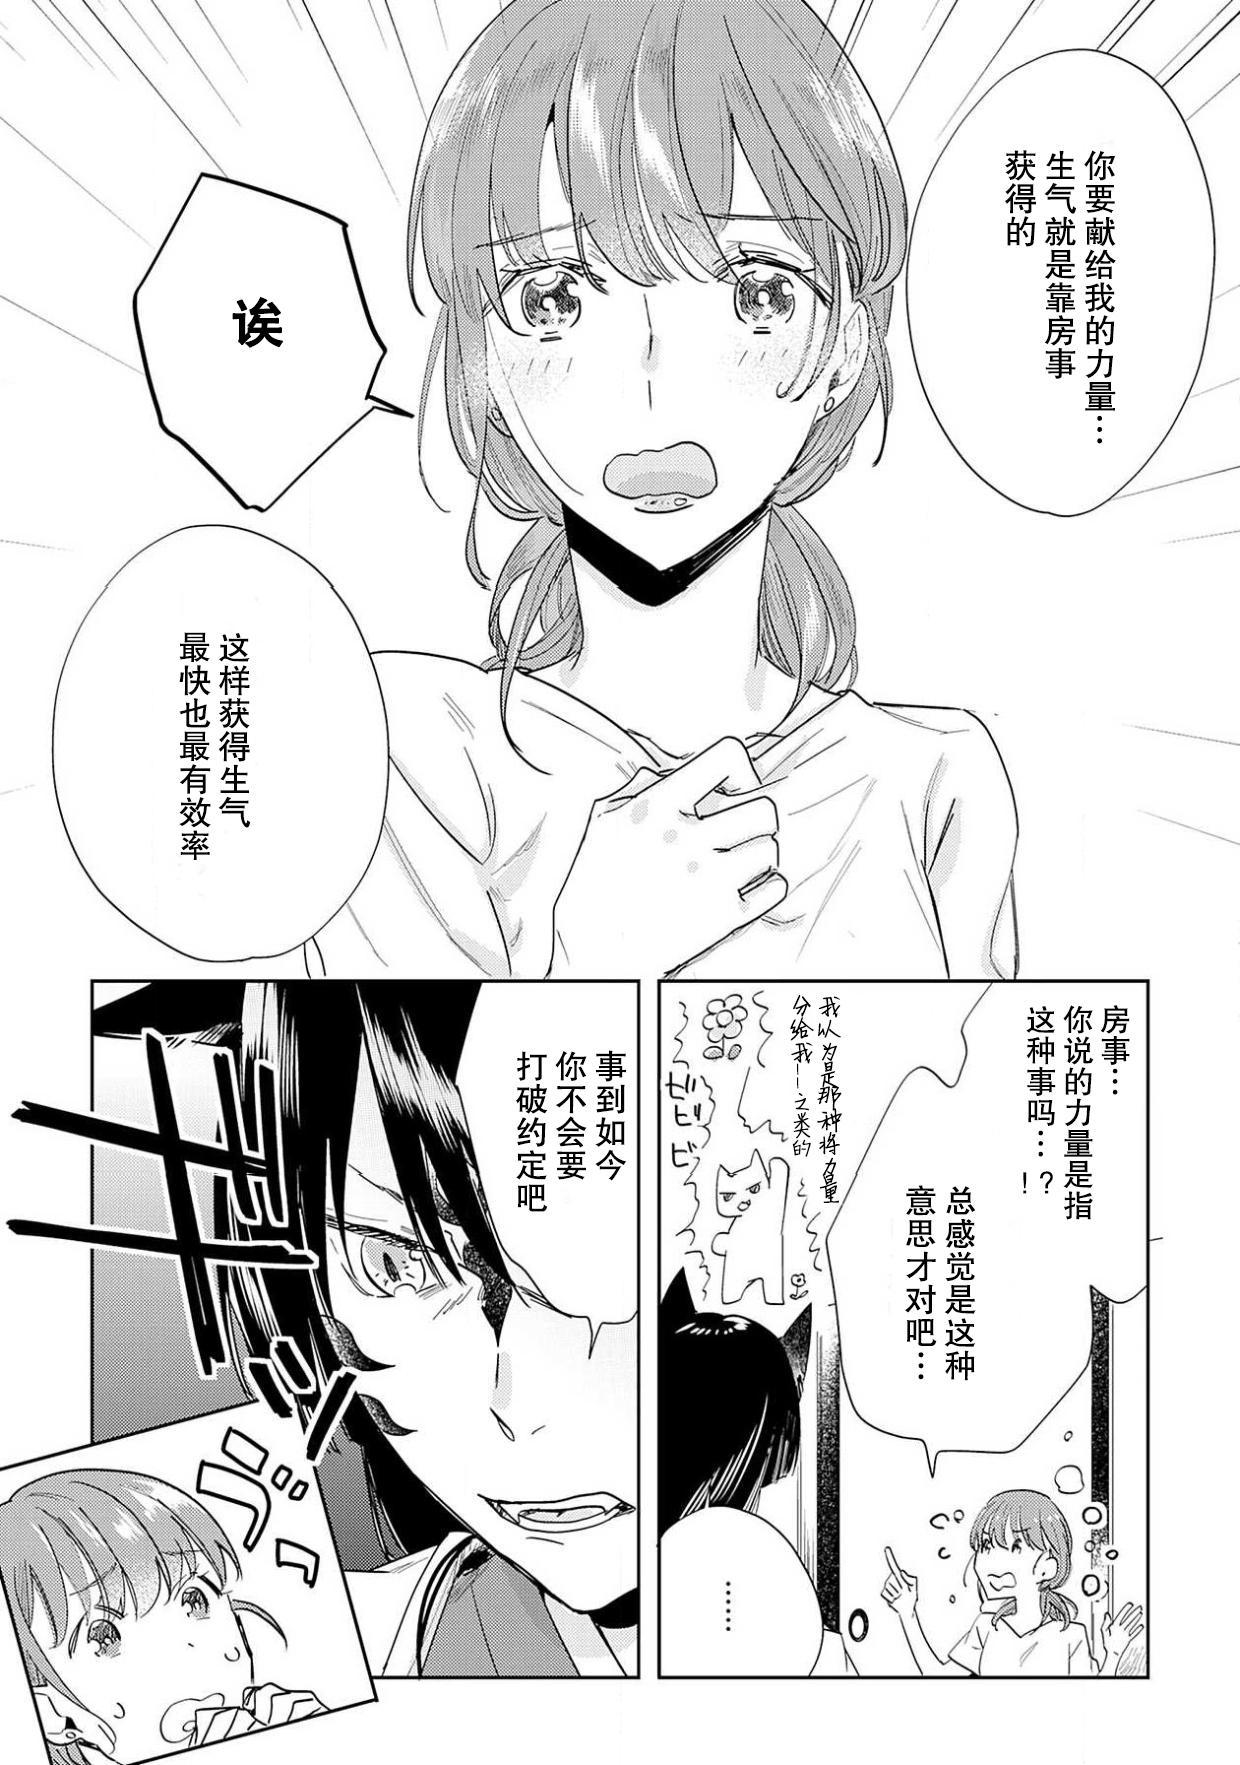 [Hachikawa Kyuu] Kami-sama to Ikenie H Keiyaku Shichaimashita | 我与神明大人签订了祭品H契约 1-3 [Chinese] [莉赛特汉化组] 21